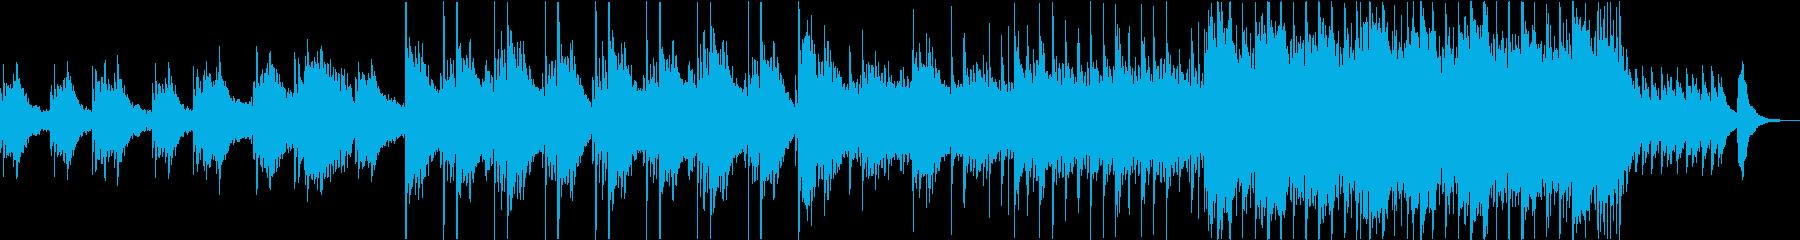 幻想的な和風の琴と尺八の再生済みの波形